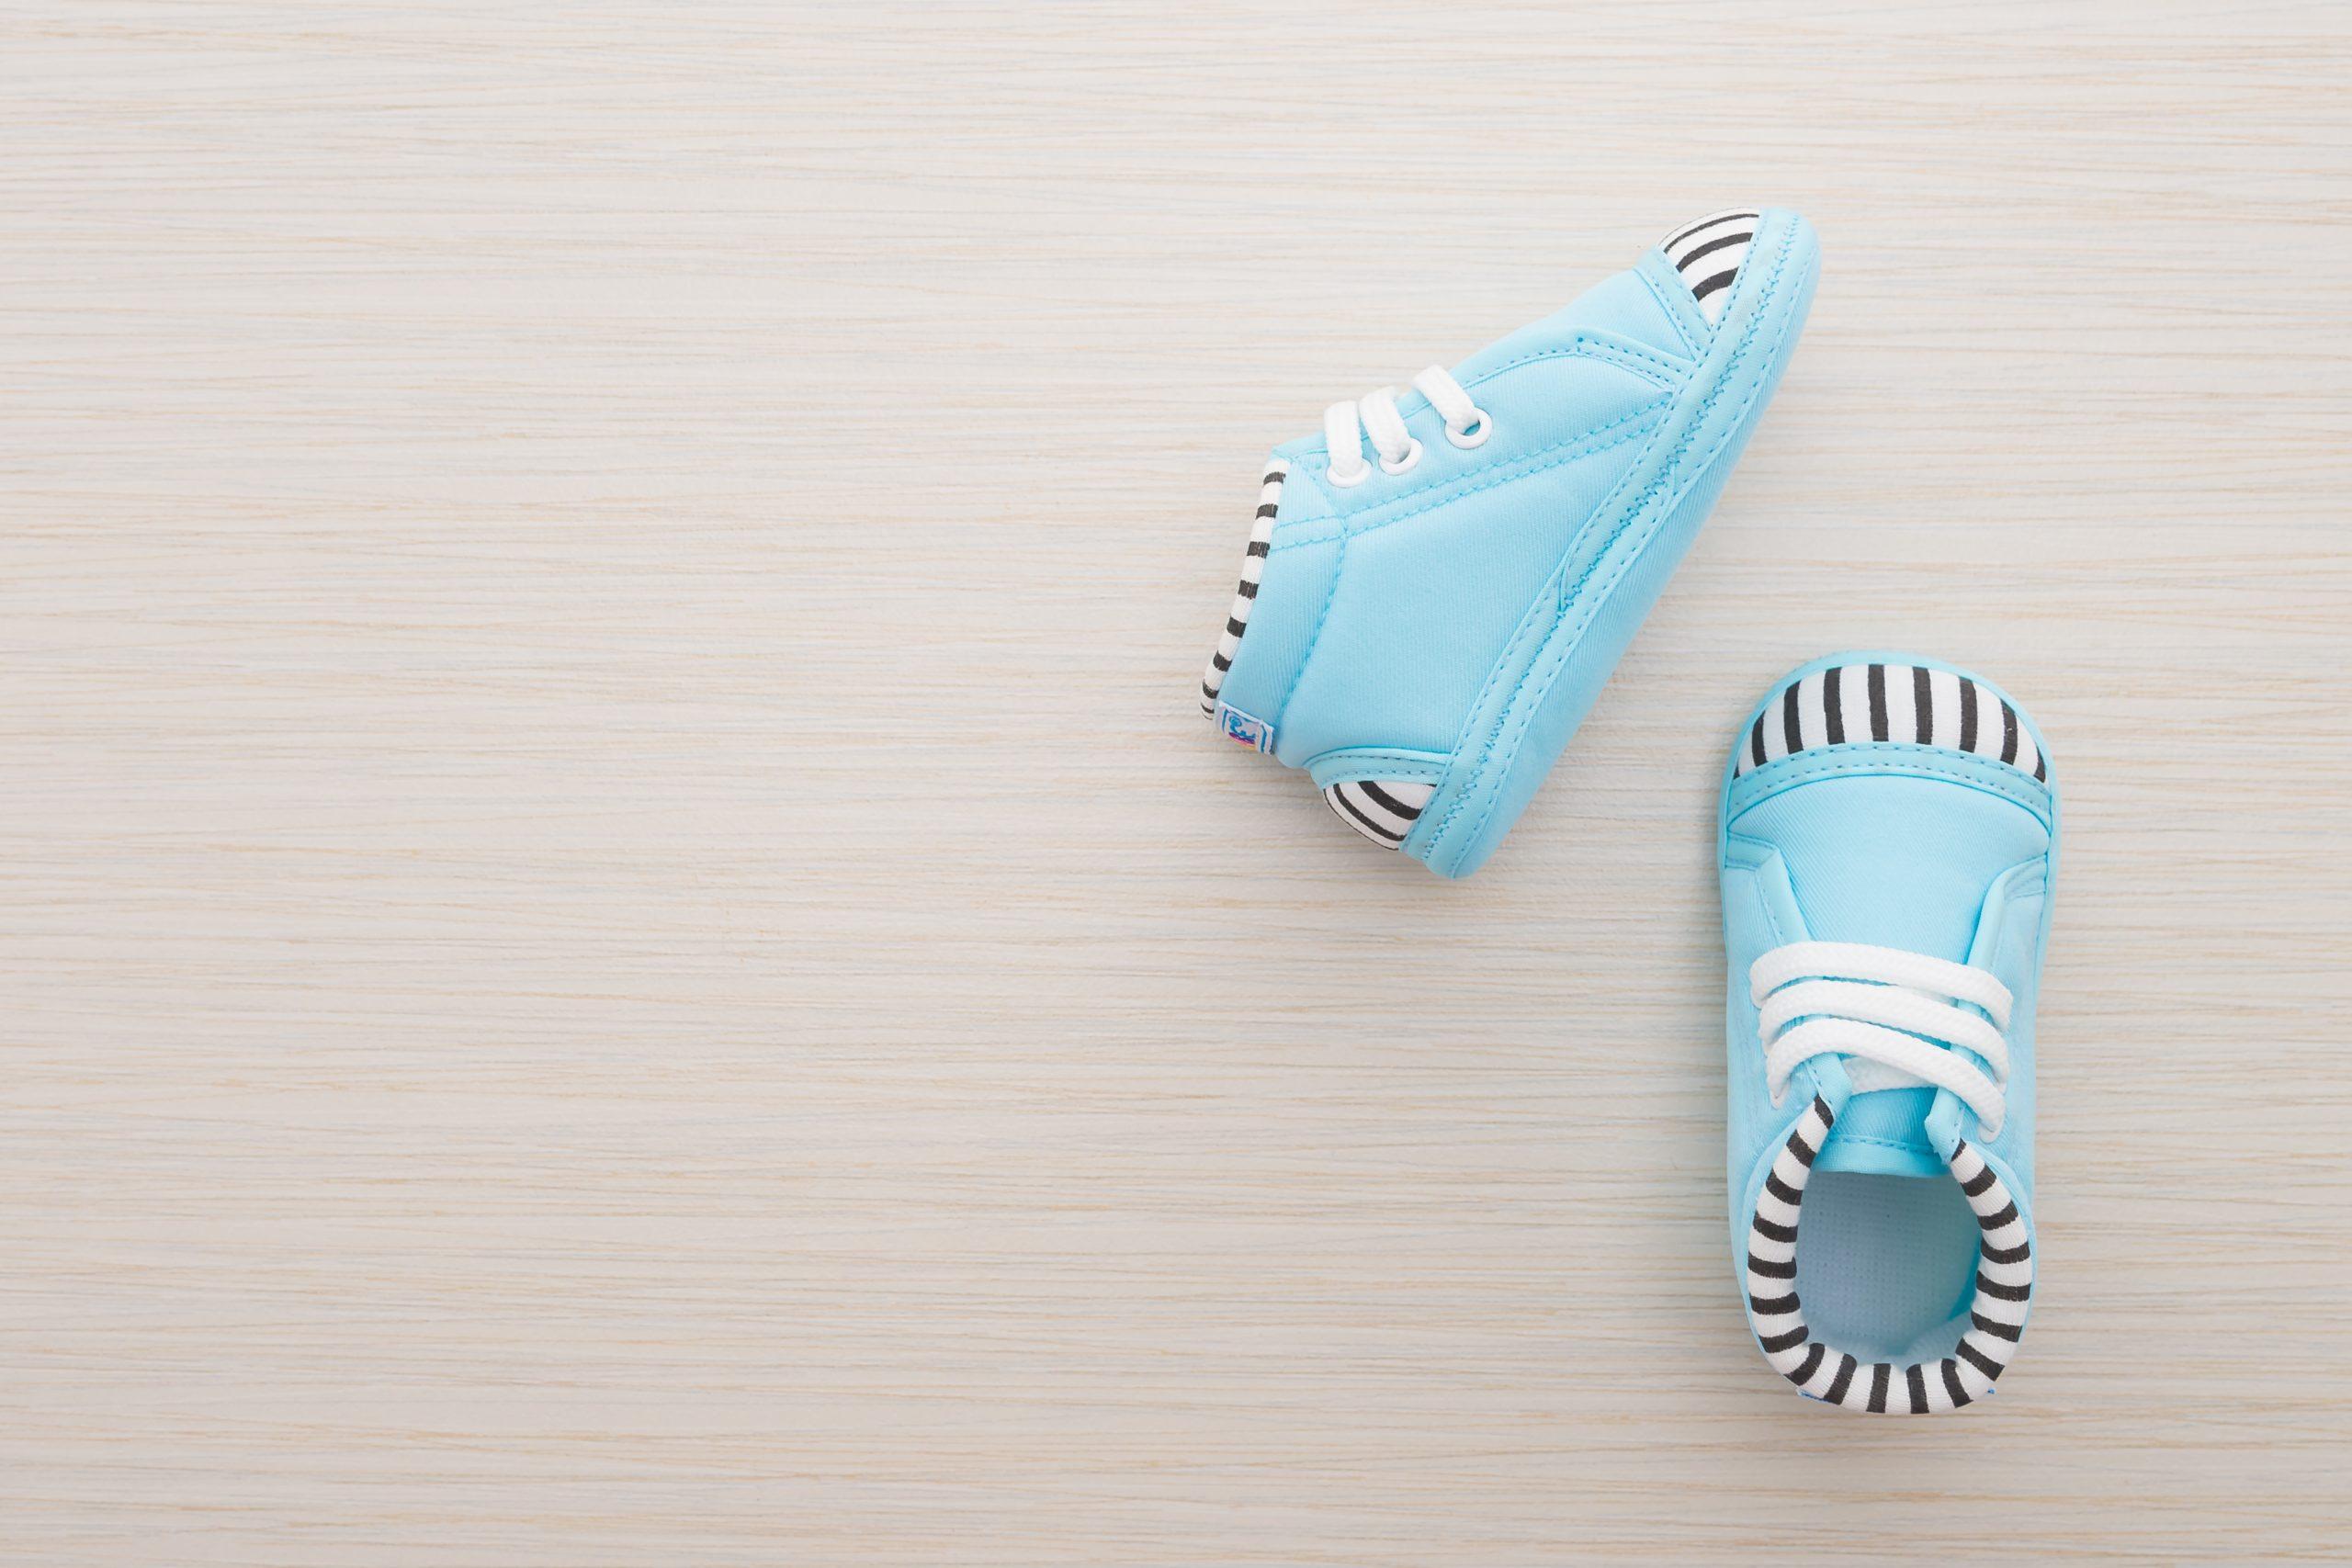 Dois sapatinhos de bebê na cor azul sob uma superfície de madeira clara.